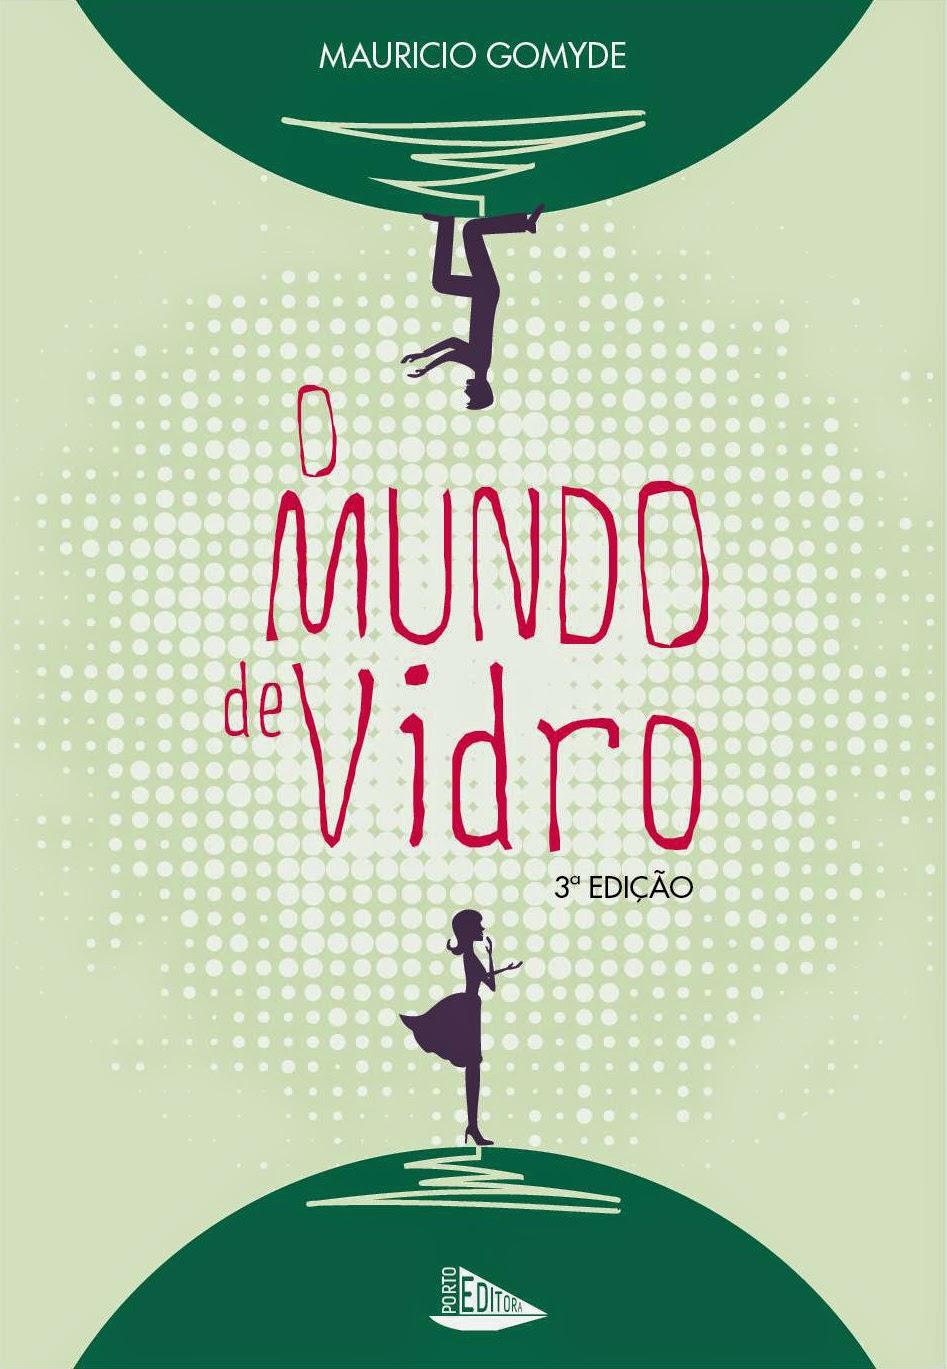 http://www.filmeslivroseseries.com/2011/09/o-mundo-de-vidro.html